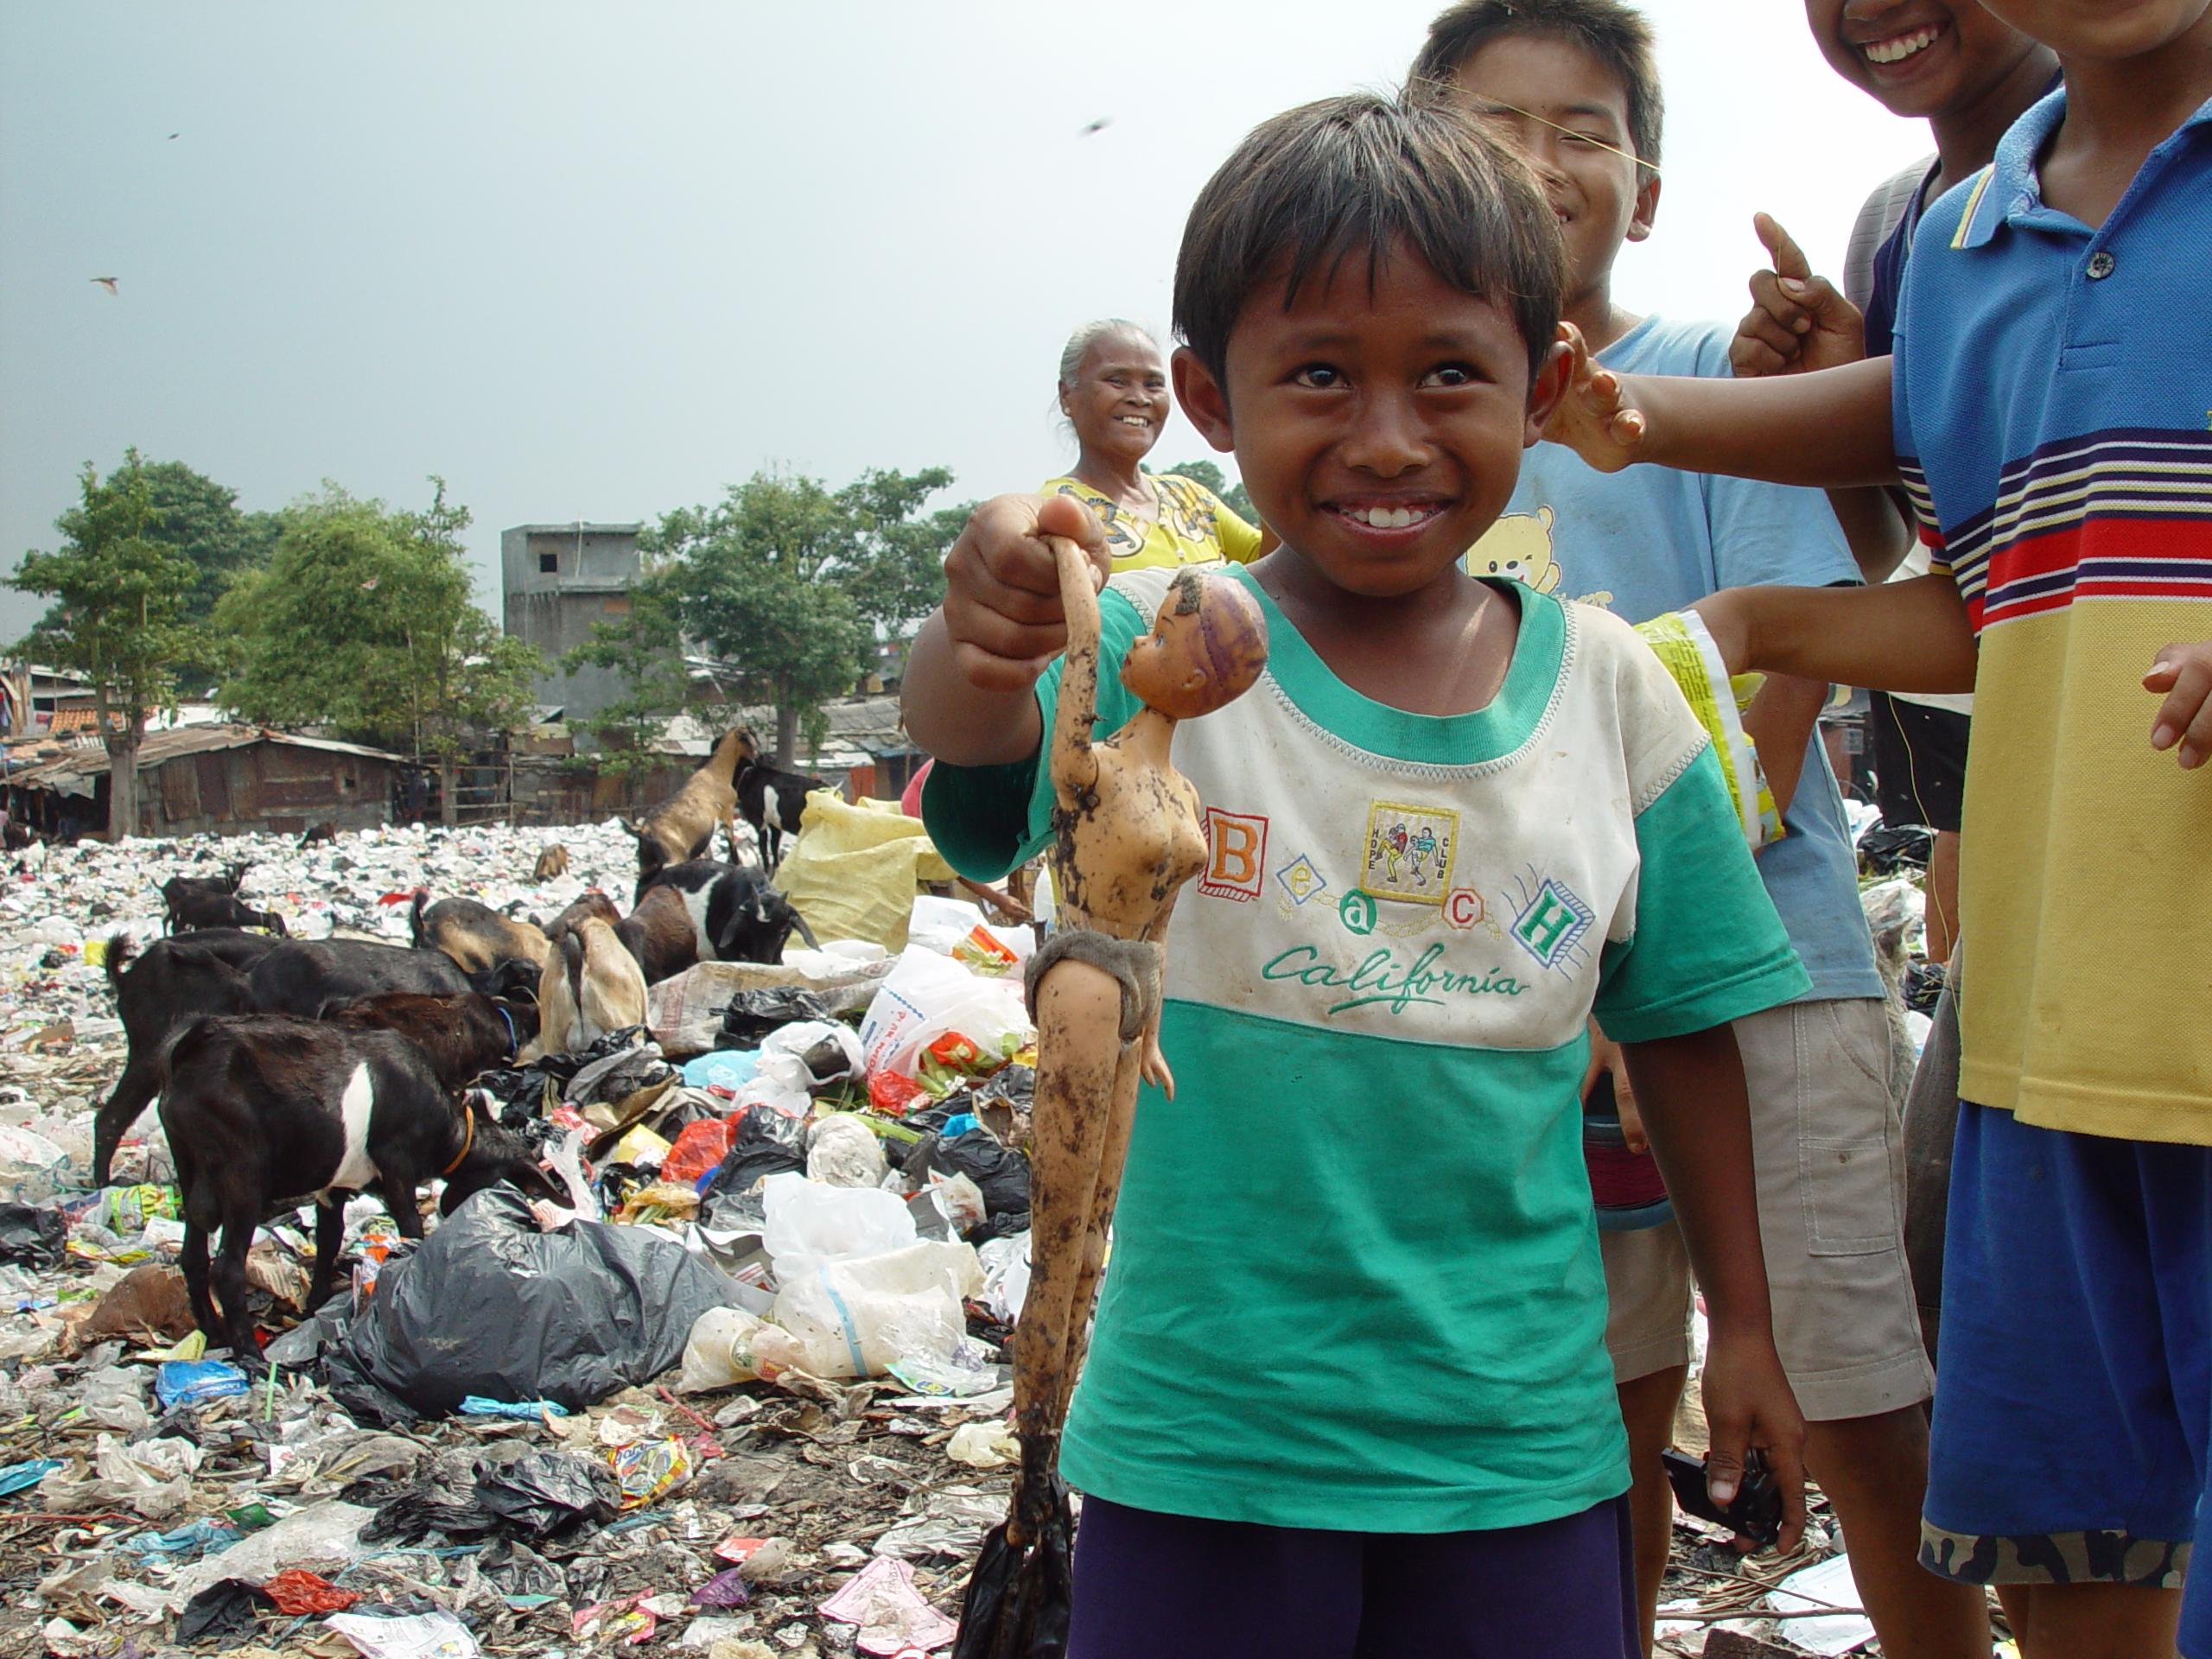 poverty psychology wiki fandom powered by wikia jakarta slumlife65